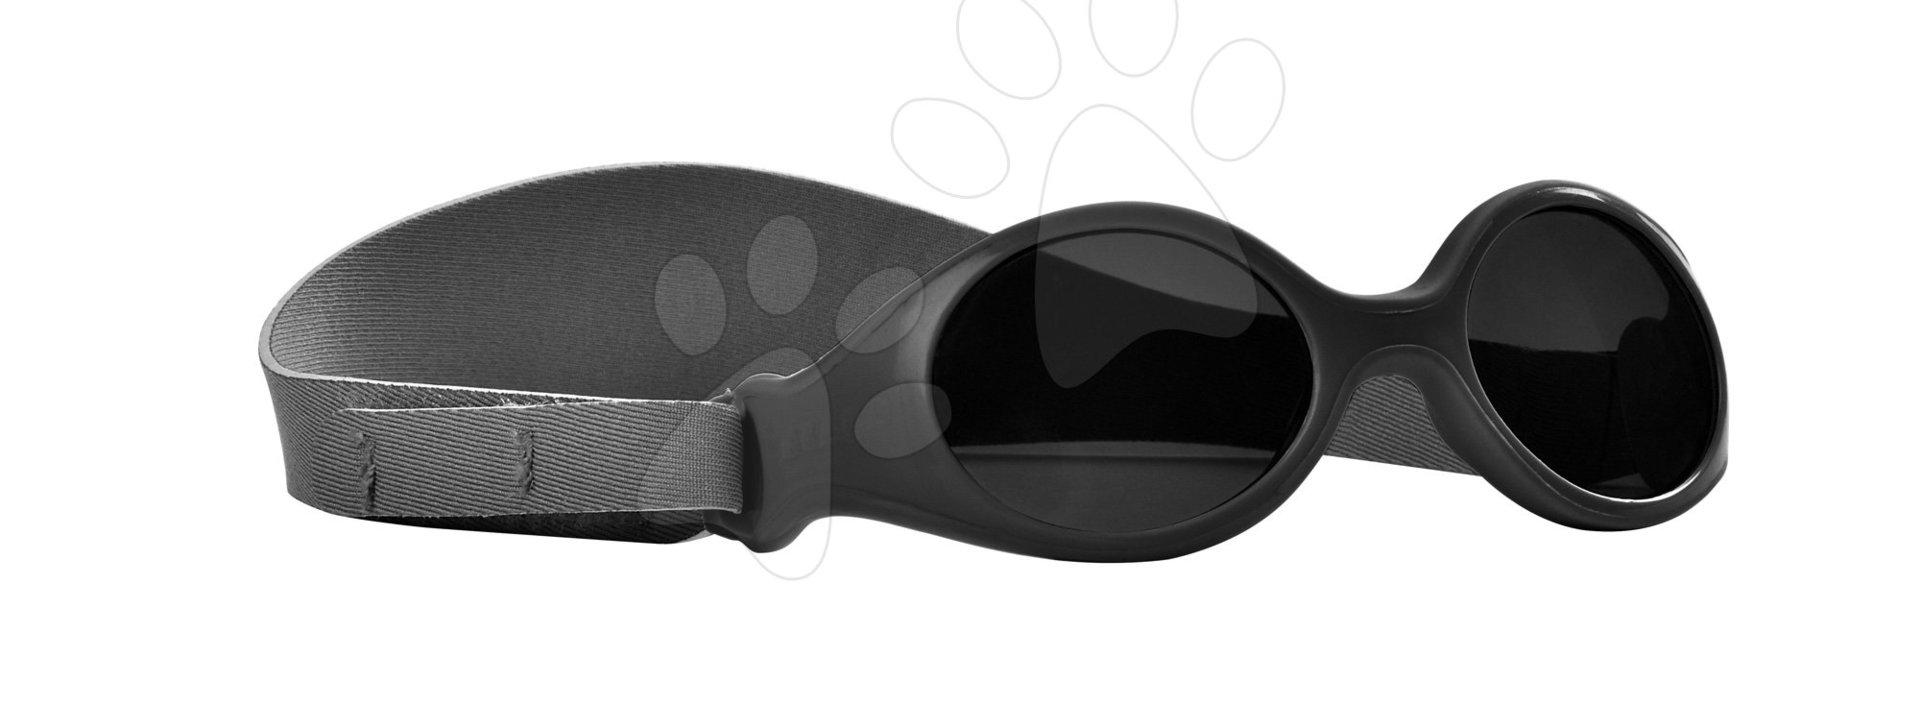 Slnečné okuliare pre novorodencov Beaba Clip strap XS od 3 mesiacov s UV filtrom 4 čierne